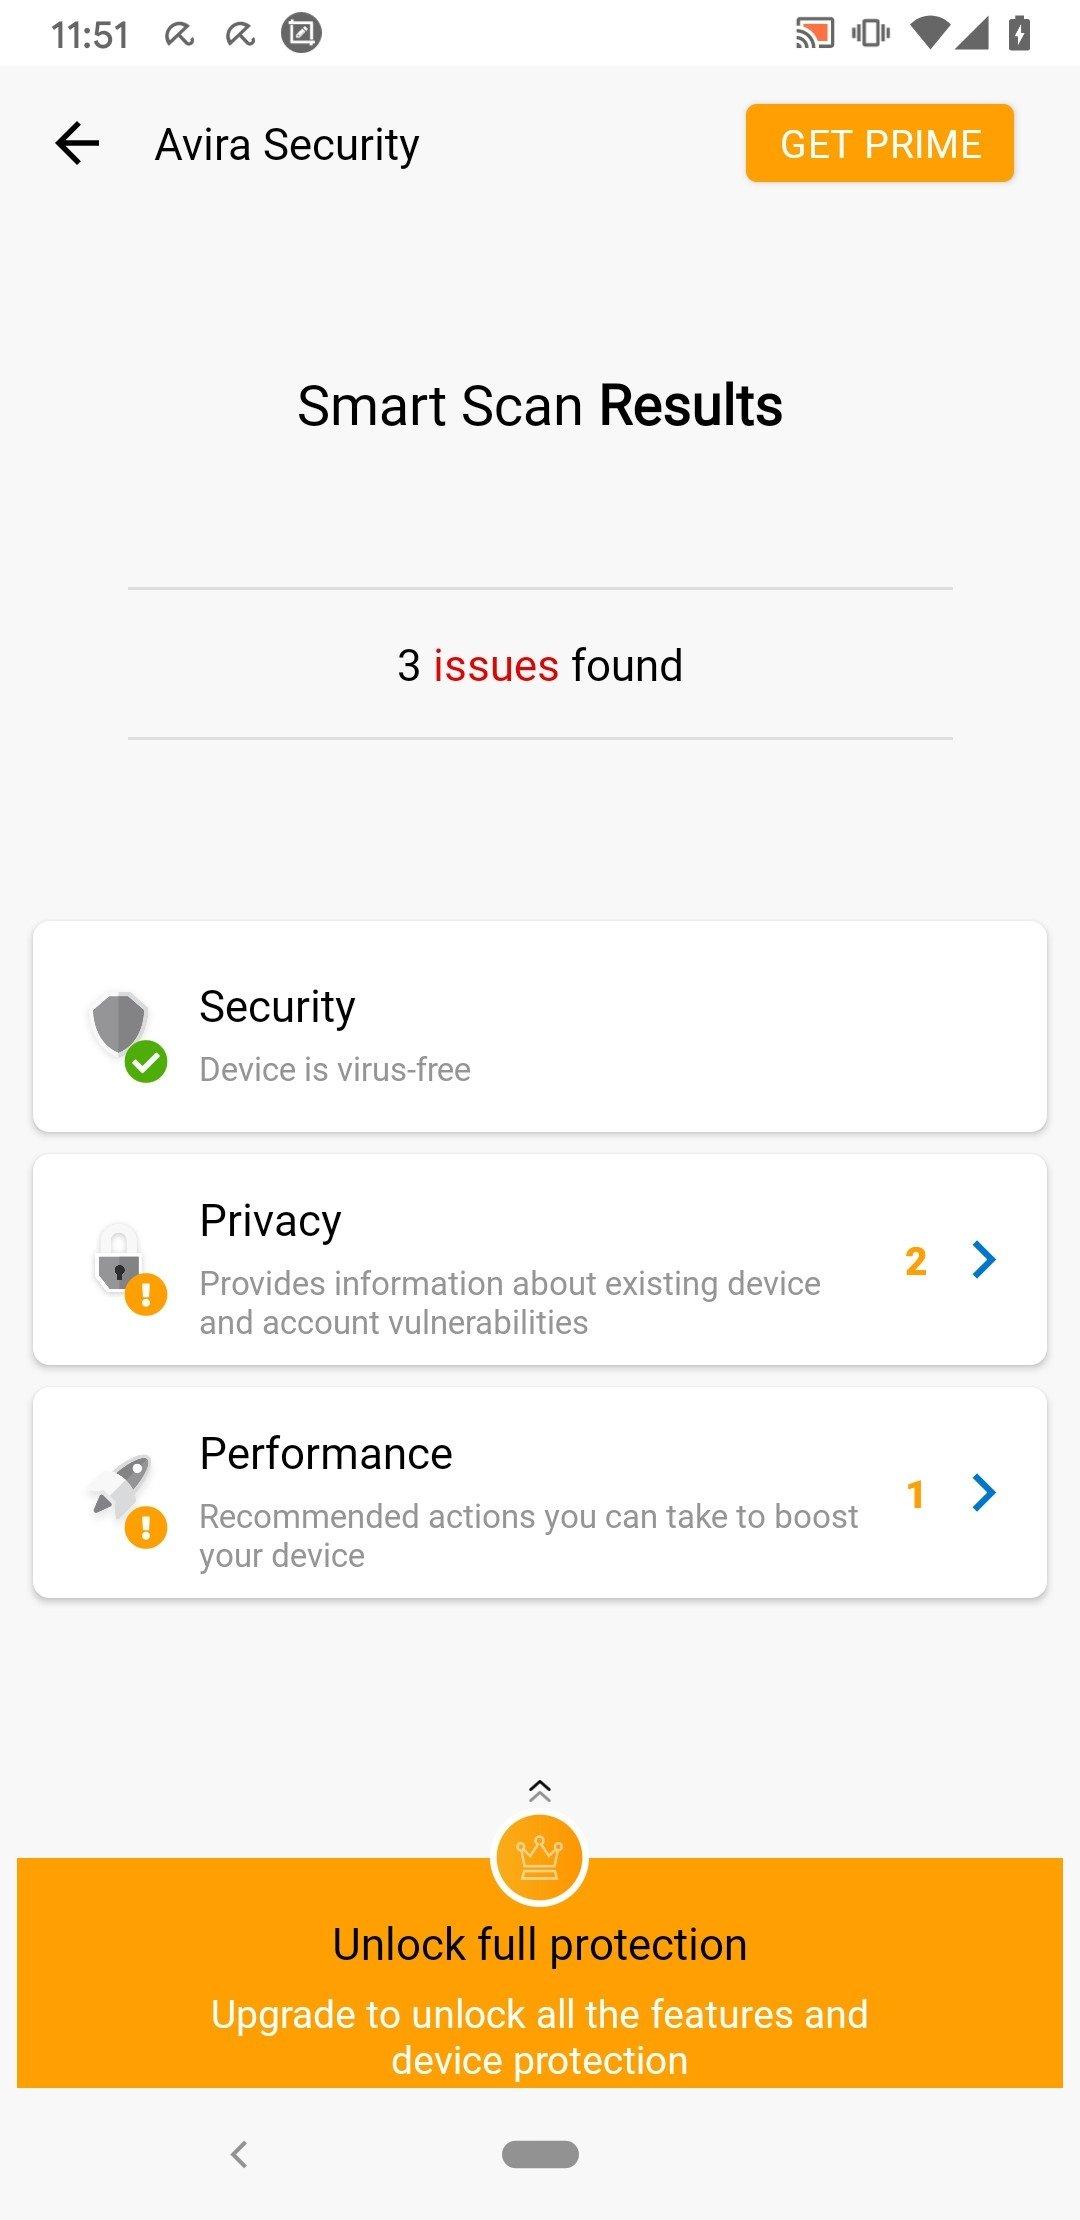 Avira Antivirus Security Android image 7